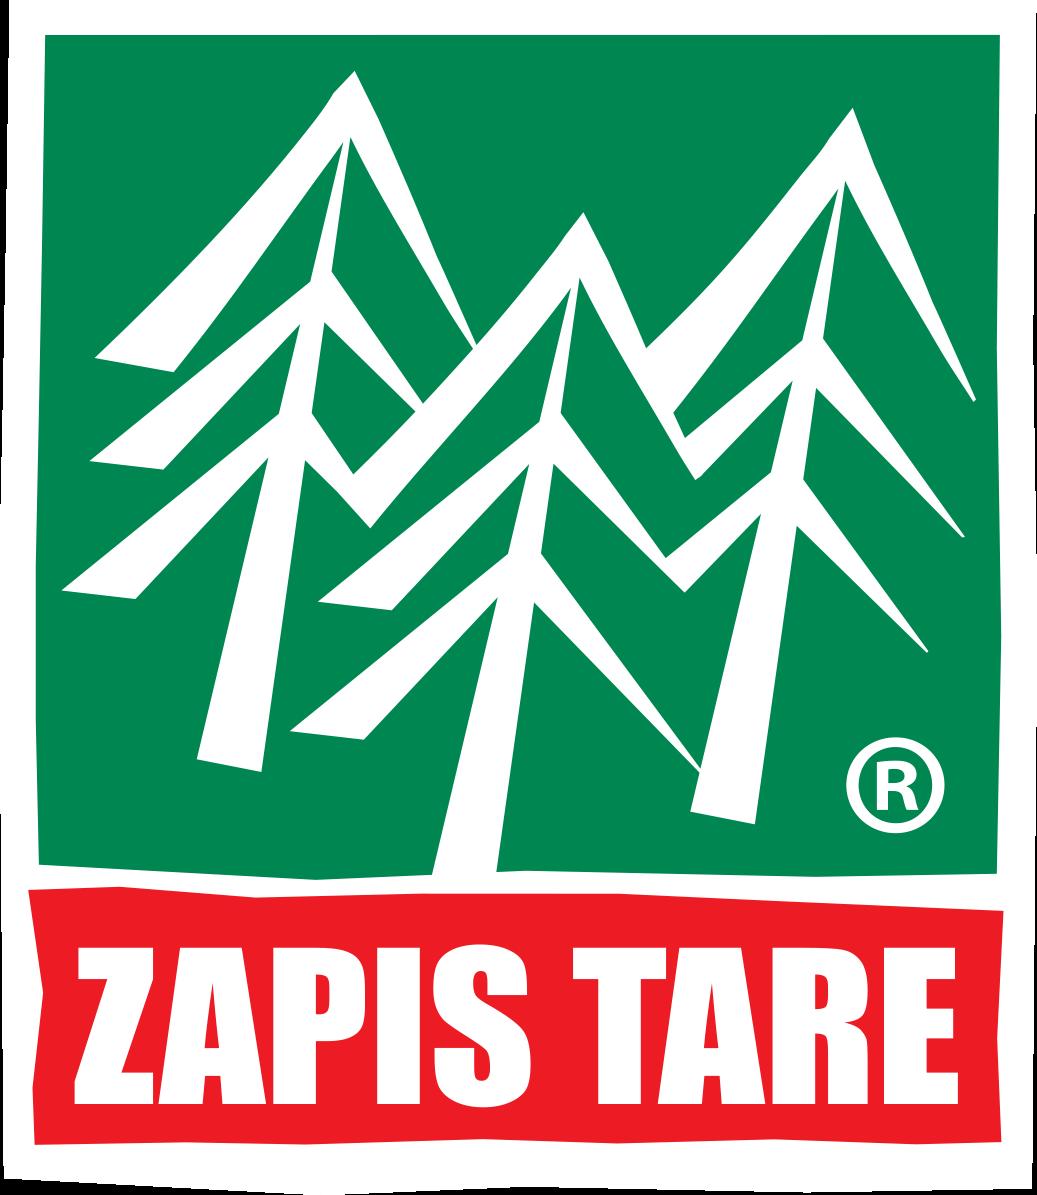 Zapis Tare - Mlekara Spasojević